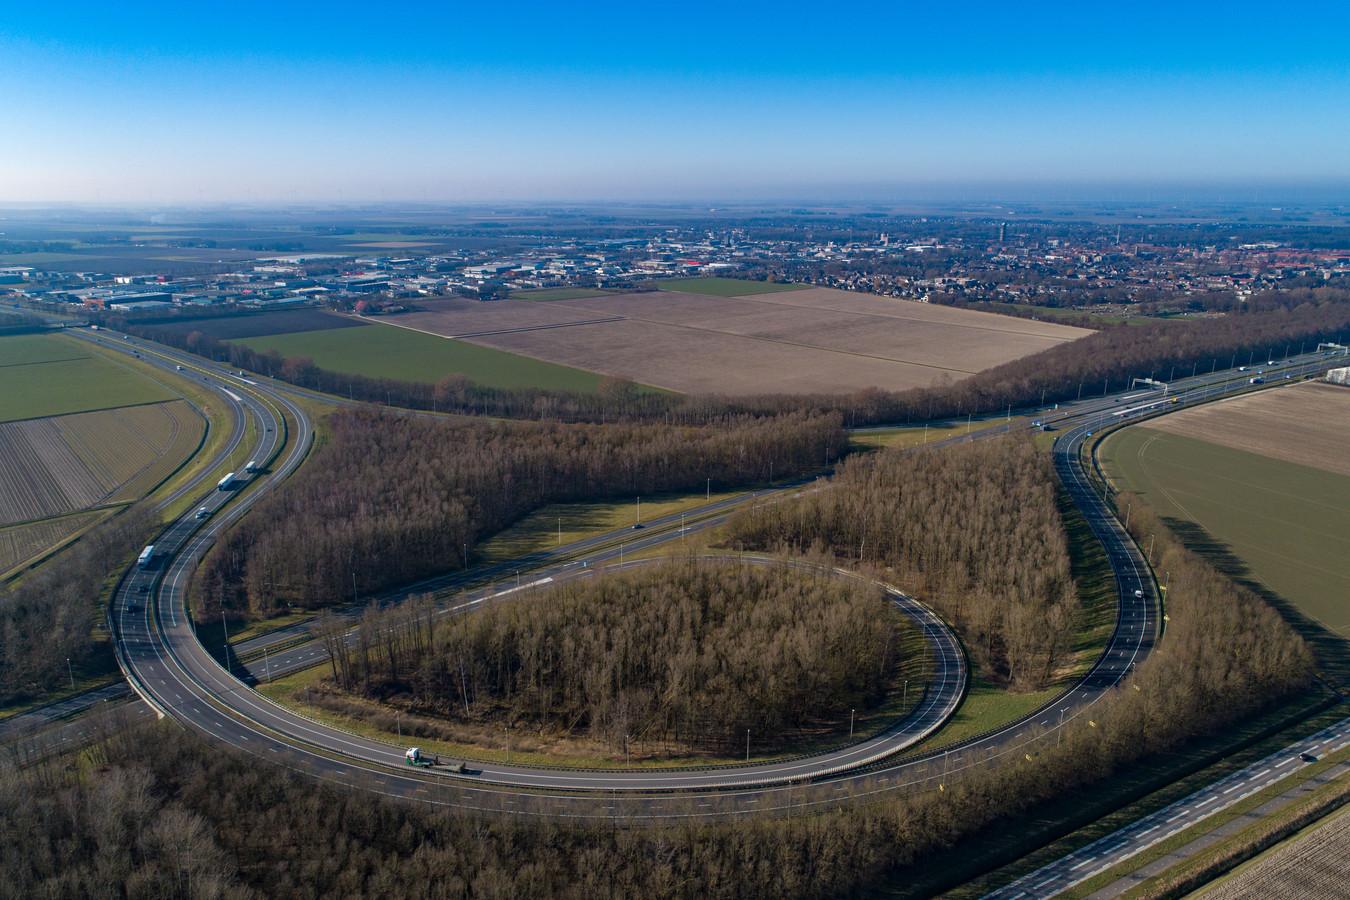 Knooppunt Emmeloord (A6/N50). Bij een eventuele aanleg van de Lelylijn zou het station Emmeloord in de kom van dit knooppunt komen. Links in beeld de A6 vanaf Lelystad en rechts de A6 richting Lemmer/Friesland.